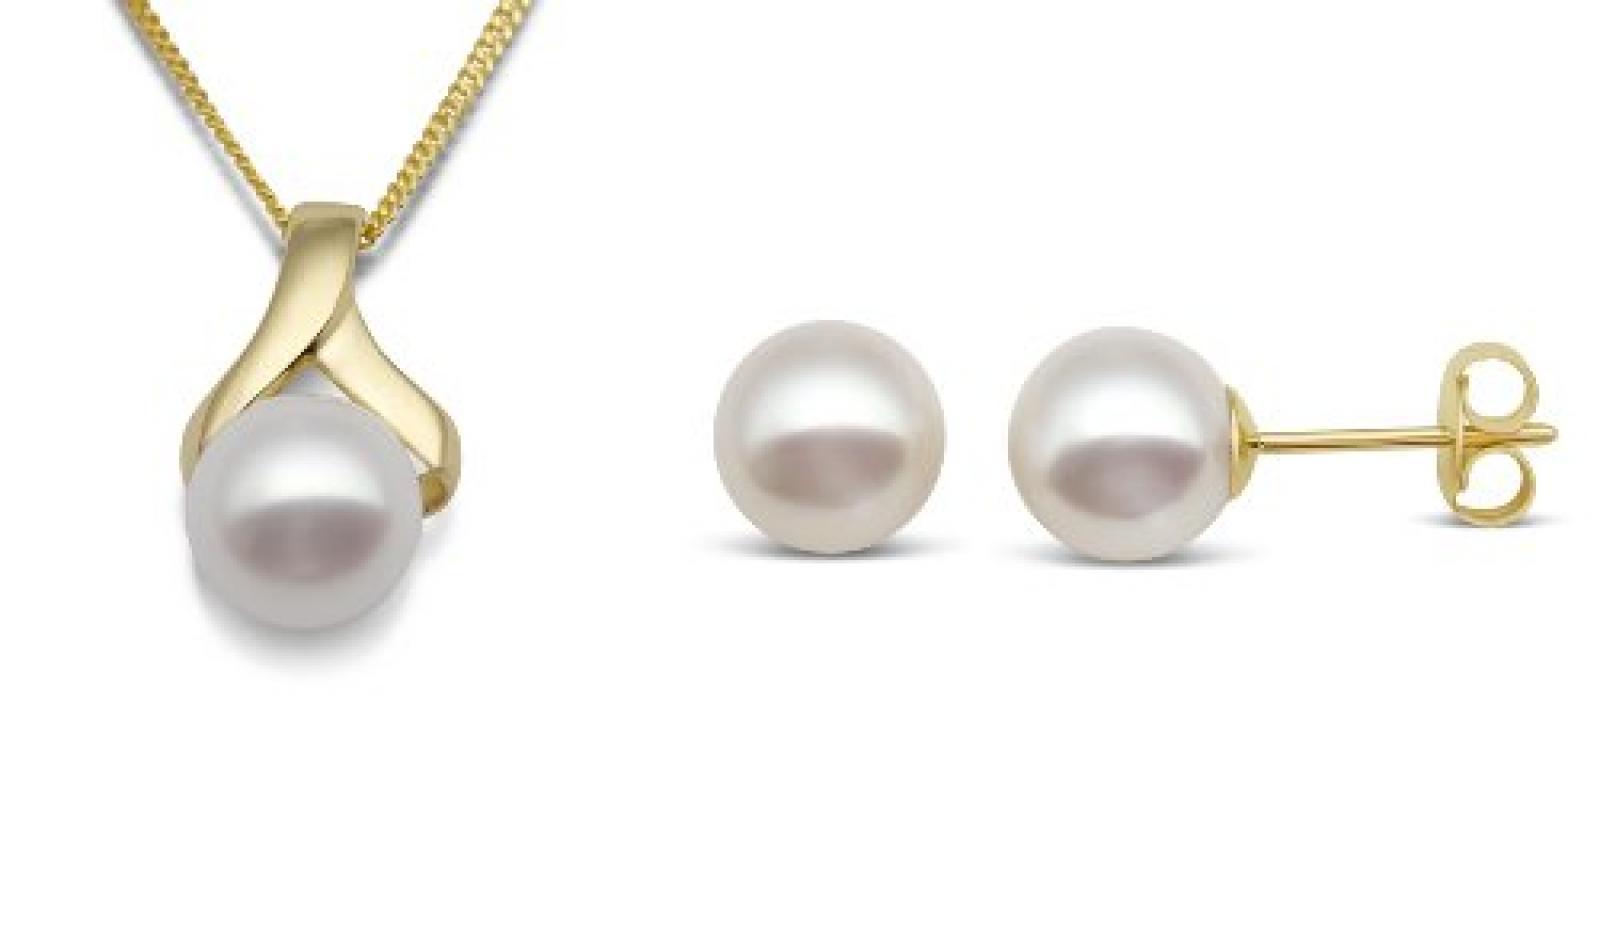 Miore Damen-Set: Halskette + Ohrringe Süßwasser-Zuchtperlen 9 Karat 375 Gelbgold MSET007